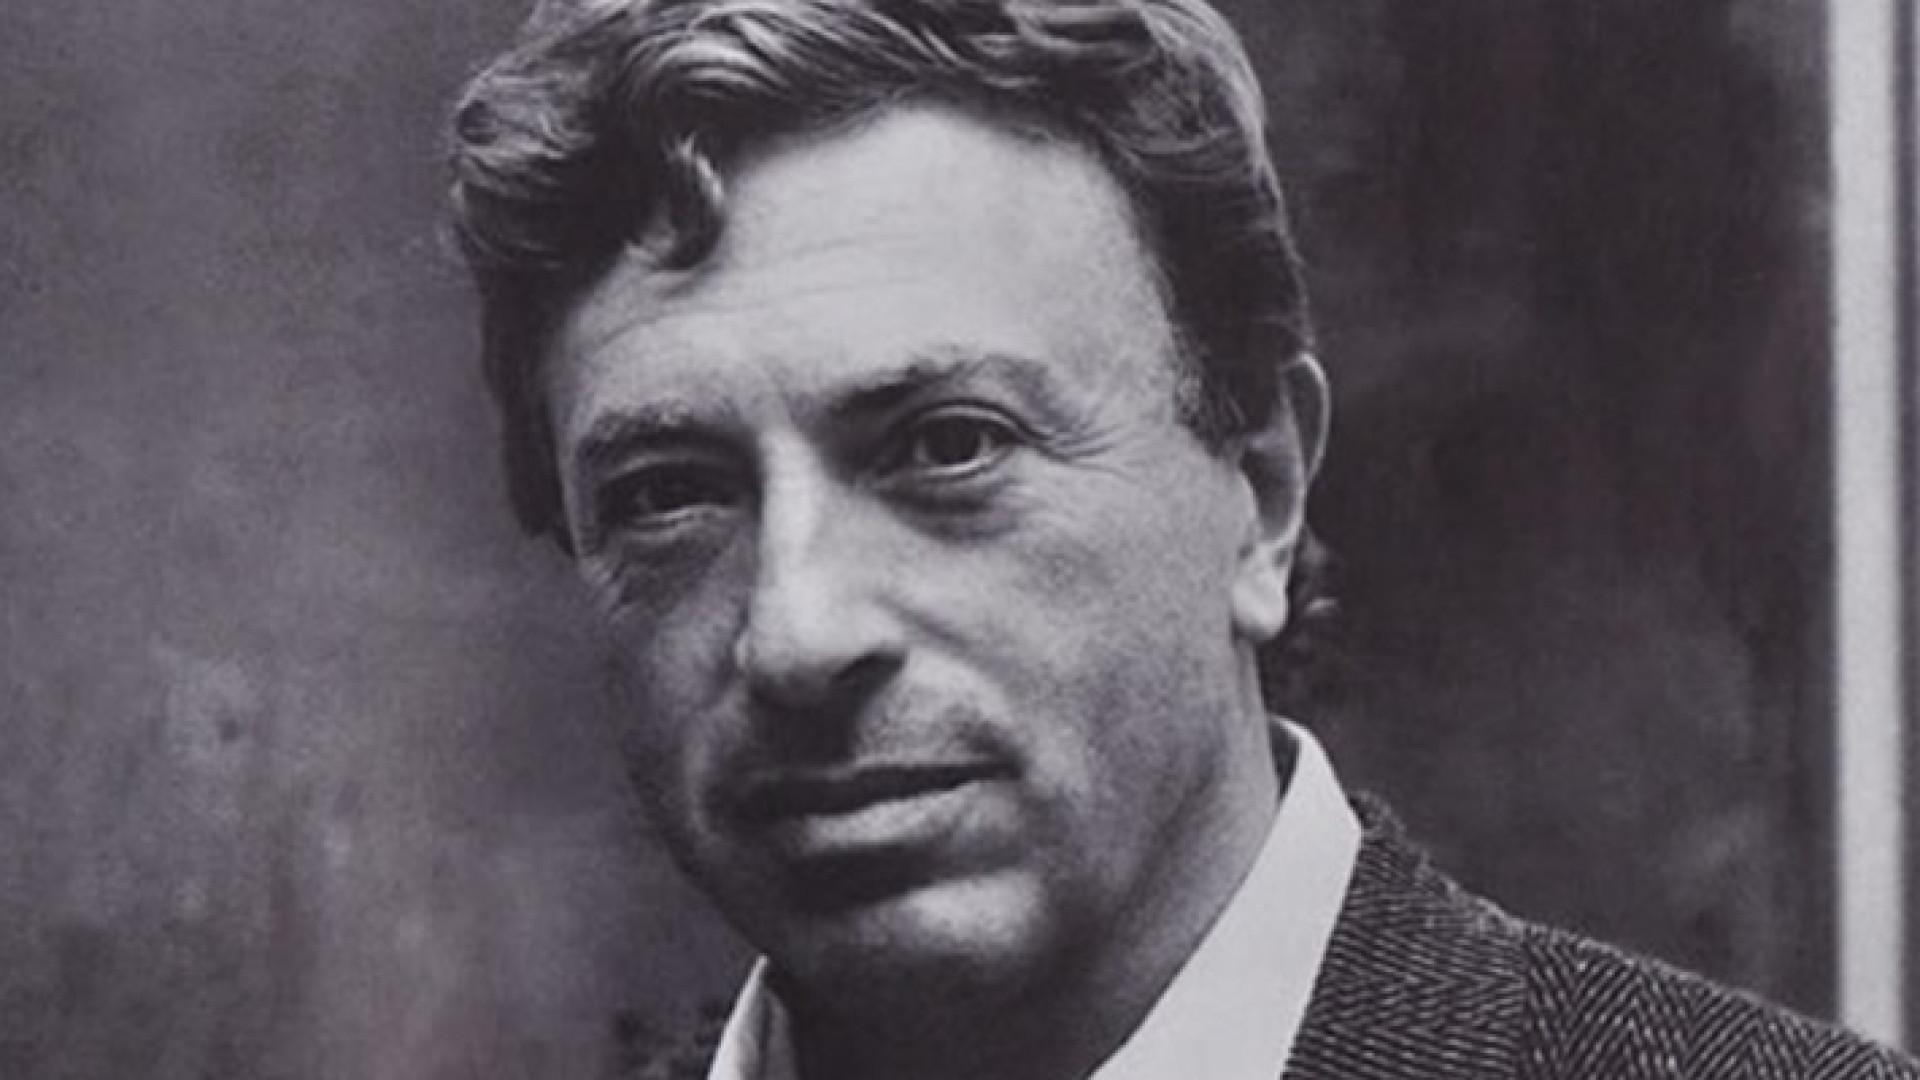 Diretor e roteirista norte-americano Larry Cohen morre, aos 77 anos